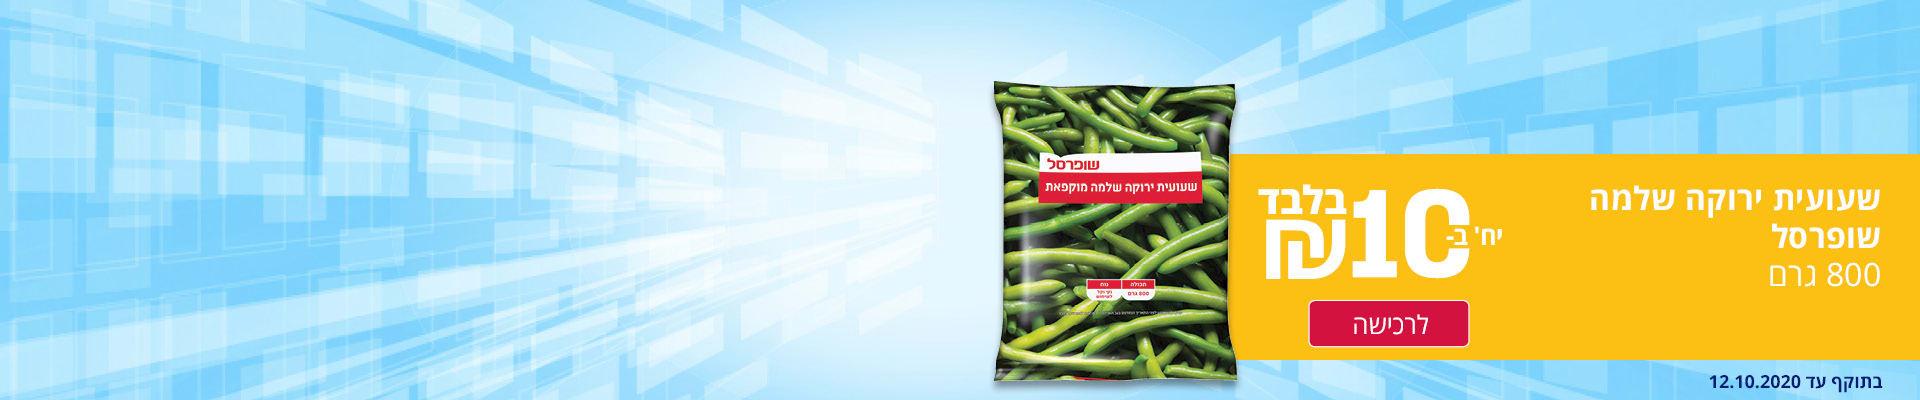 מבצעי חג בשופרסל: שעועית ירוקה שלמה שופרסל 800 גרם ב- 10 ₪ ליחידה. בתוקף עד 12.10.2020